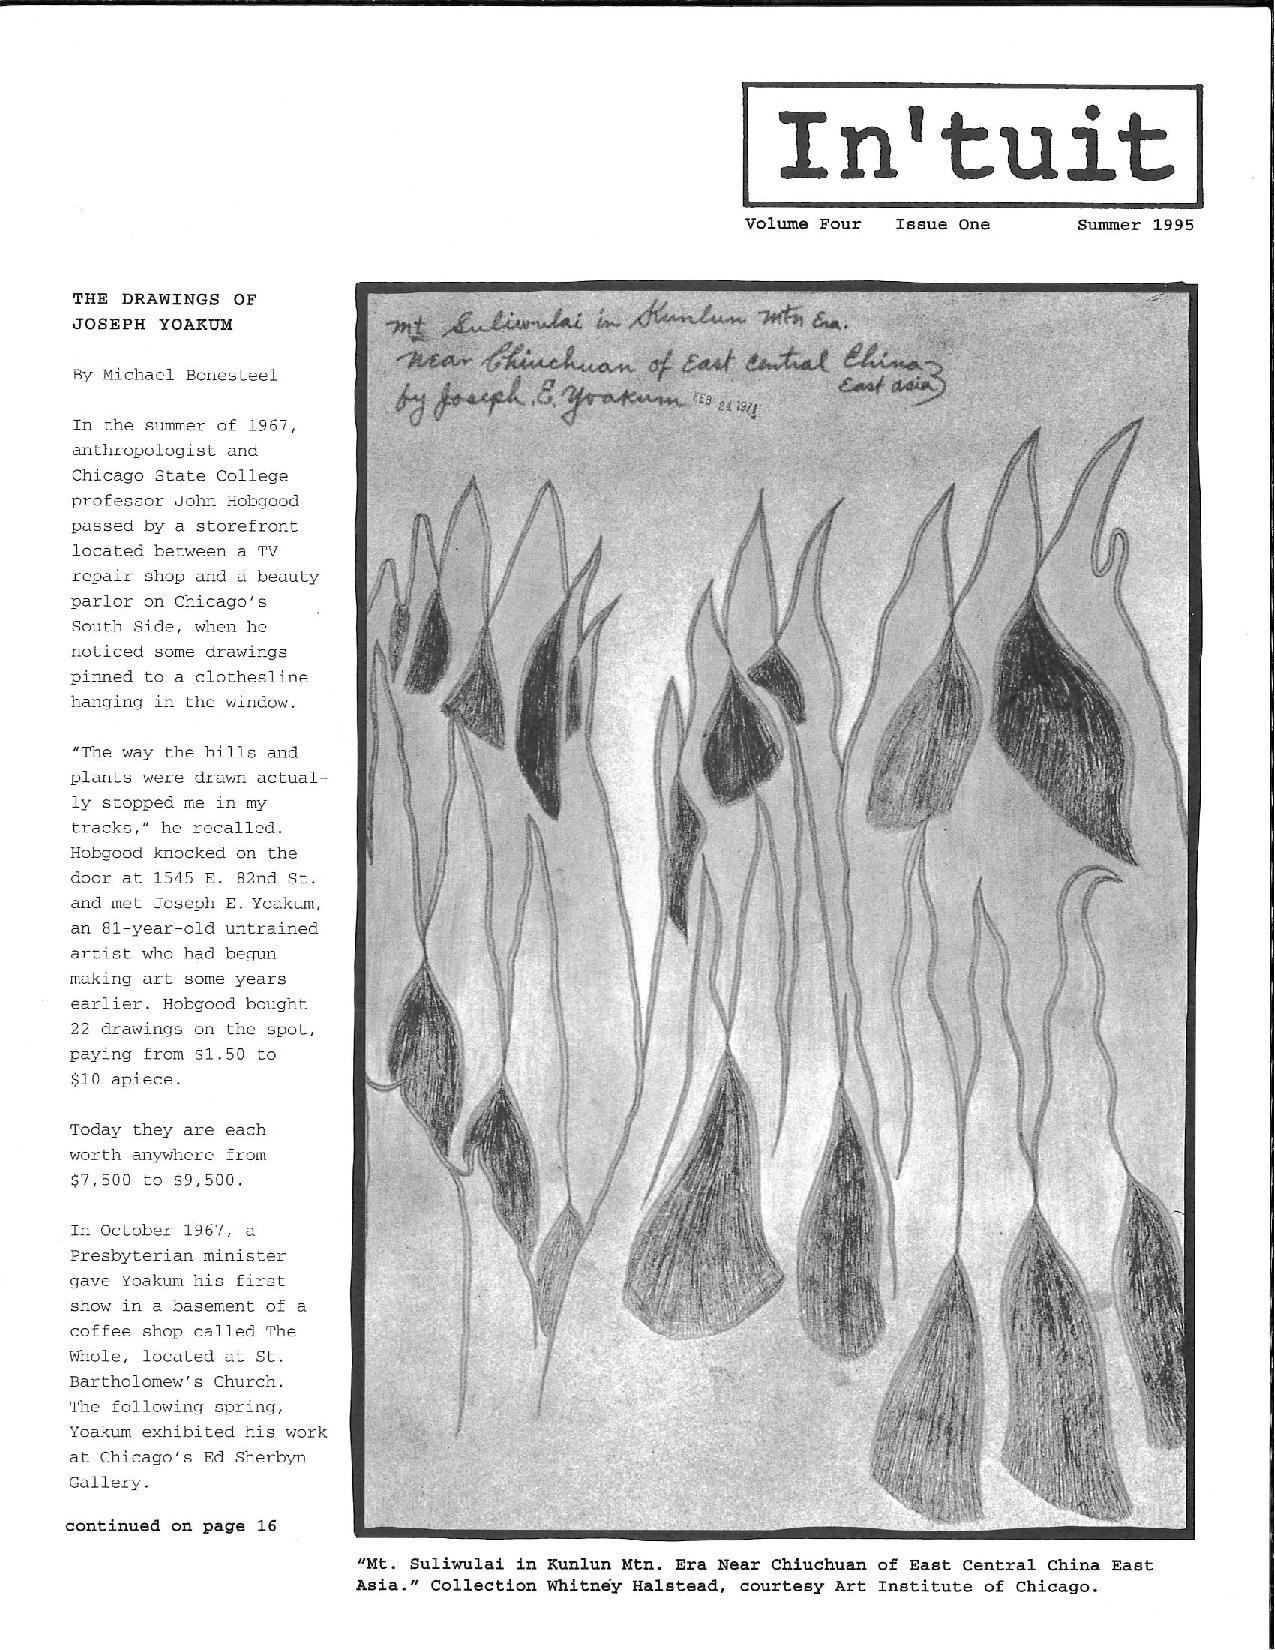 Volume 4 Issue 1 1995